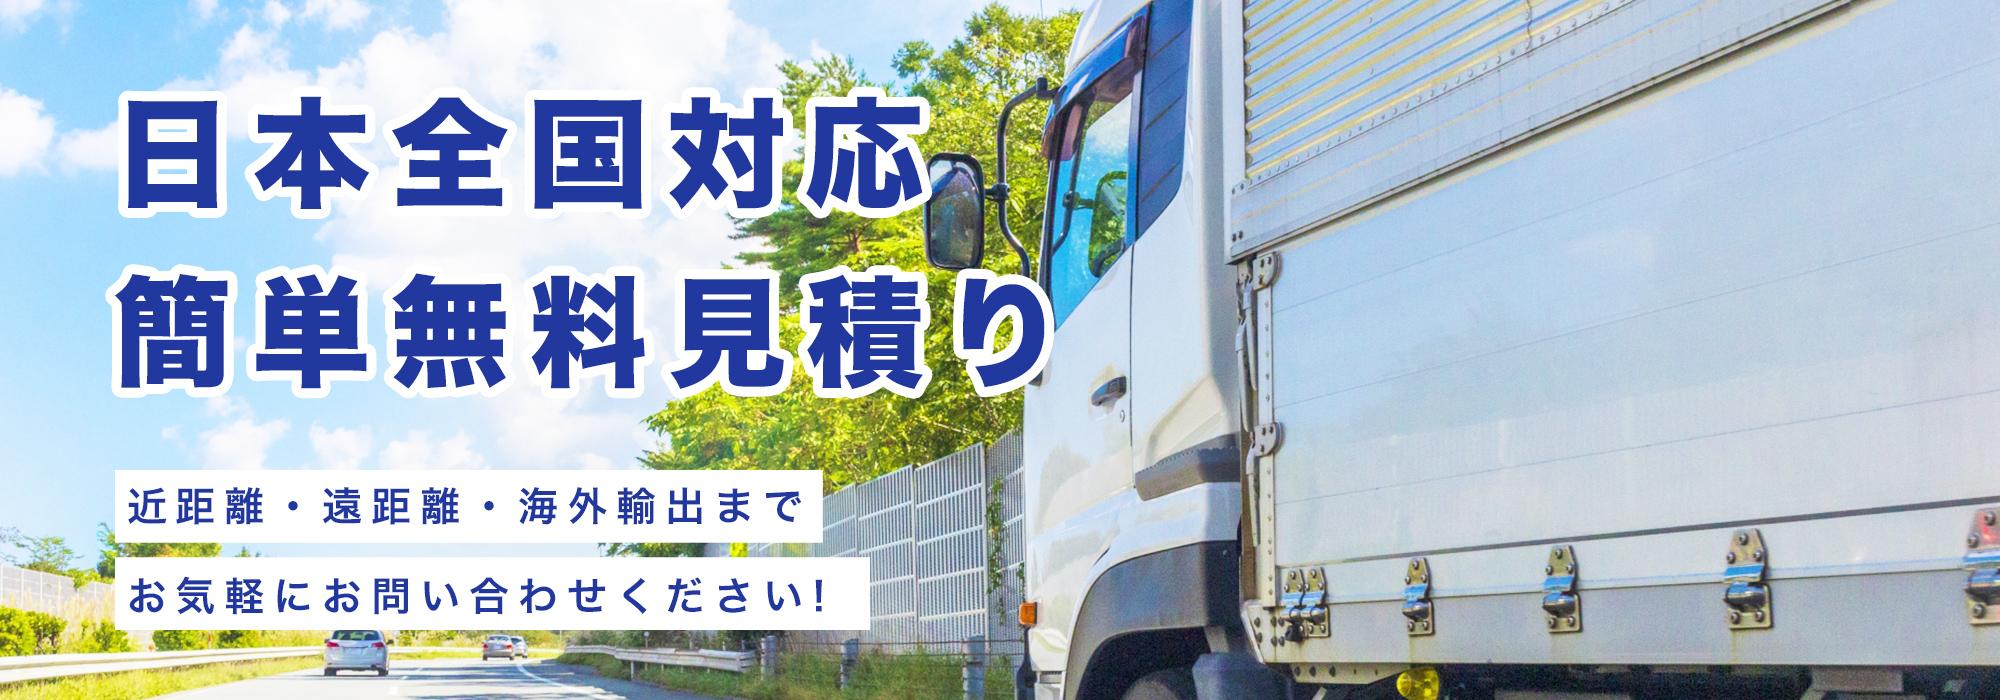 日本全国対応!千葉の陸送なら陸送フォワードへ。近距離・遠距離・海外輸出までお気軽にお問合せ下さい。